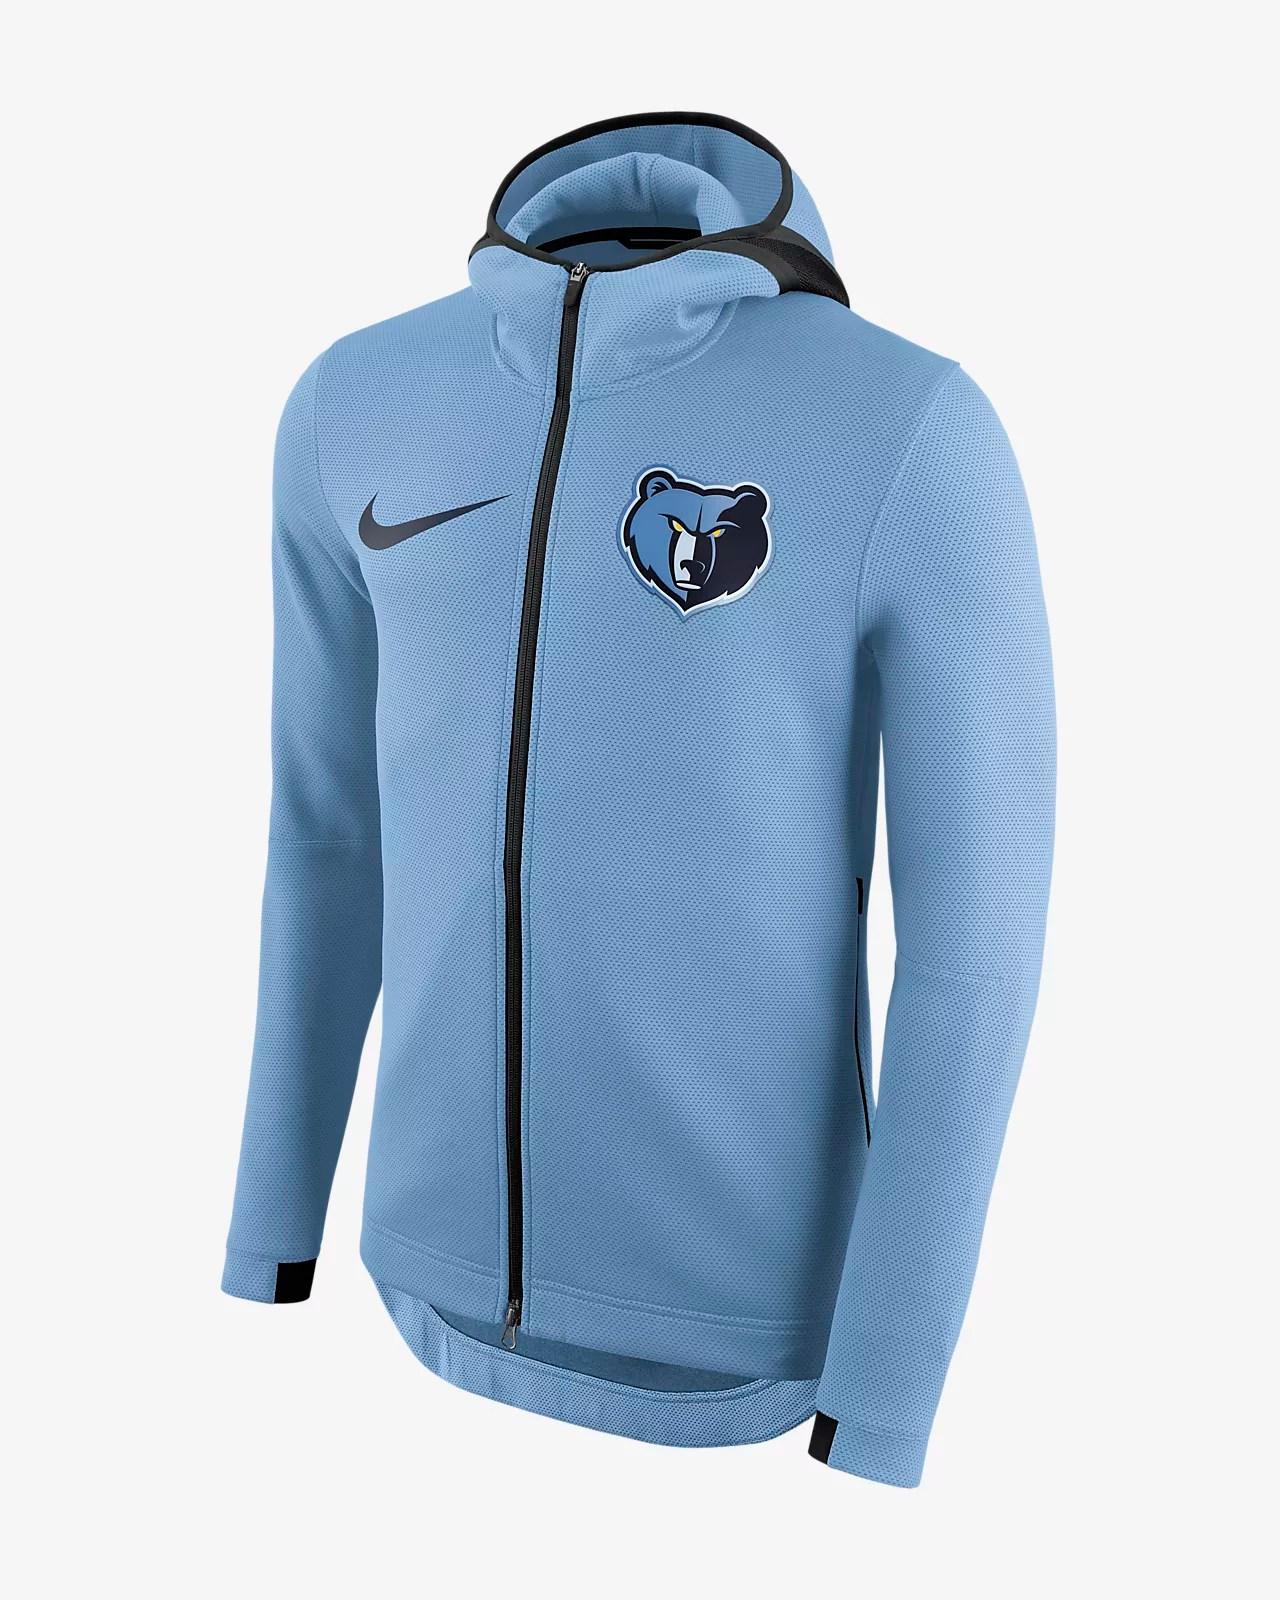 neue hohe Qualität meistverkauft beste Qualität für Nike Pulli Babyblau